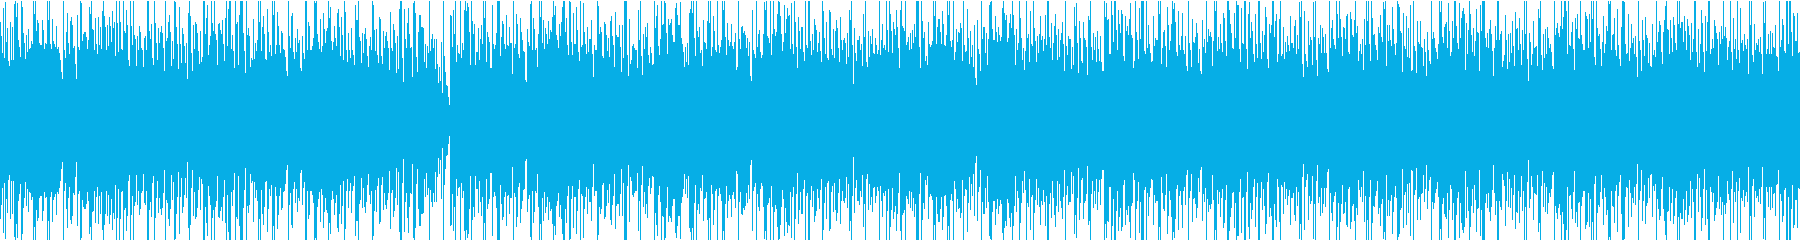 近未来感のある電子系のループ音源の再生済みの波形